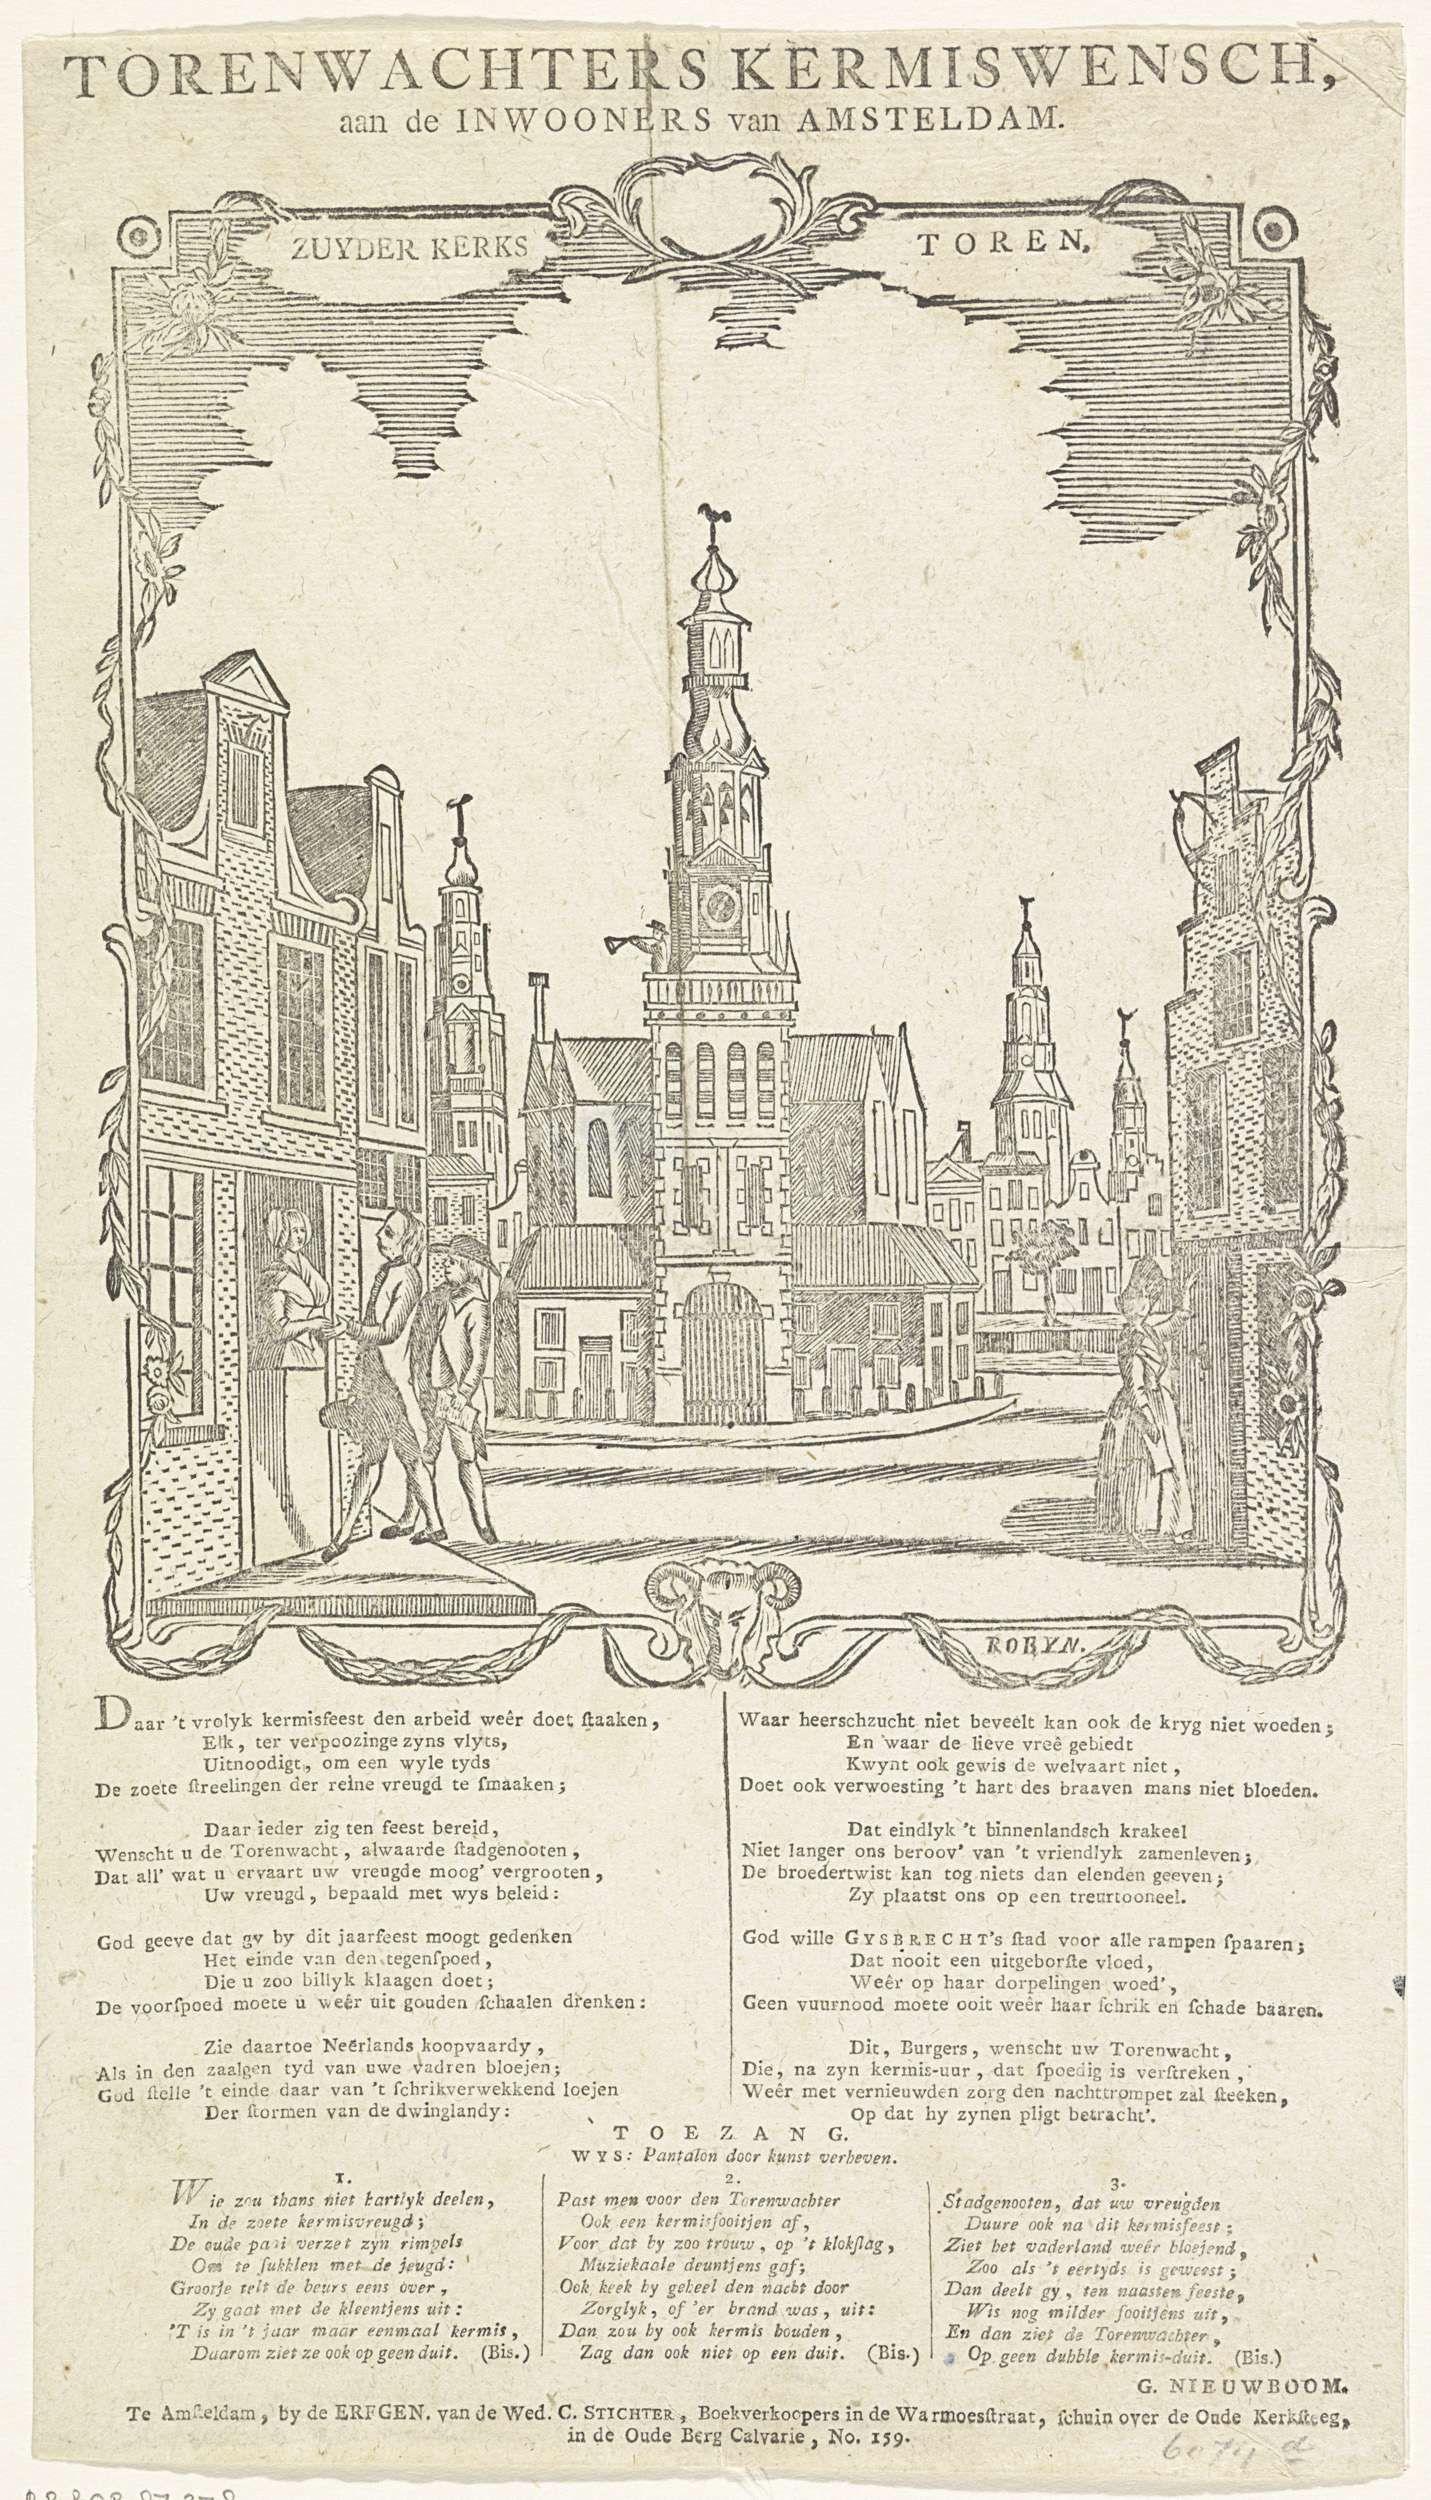 Erven Weduwe Cornelis Stichter | Kermiswens van de Amsterdamse torenwachters, 1816, Erven Weduwe Cornelis Stichter, Robijn, 1815 - 1816 | Kermiswens van de torenwachter (mogelijk G. Nieuwboom) van de Amsterdamse Zuiderkerk, voor het jaar 1816. Gezicht op de Zuiderkerk te Amsterdam. Met een vers in twee kolommen en een lied in drie coupletten.